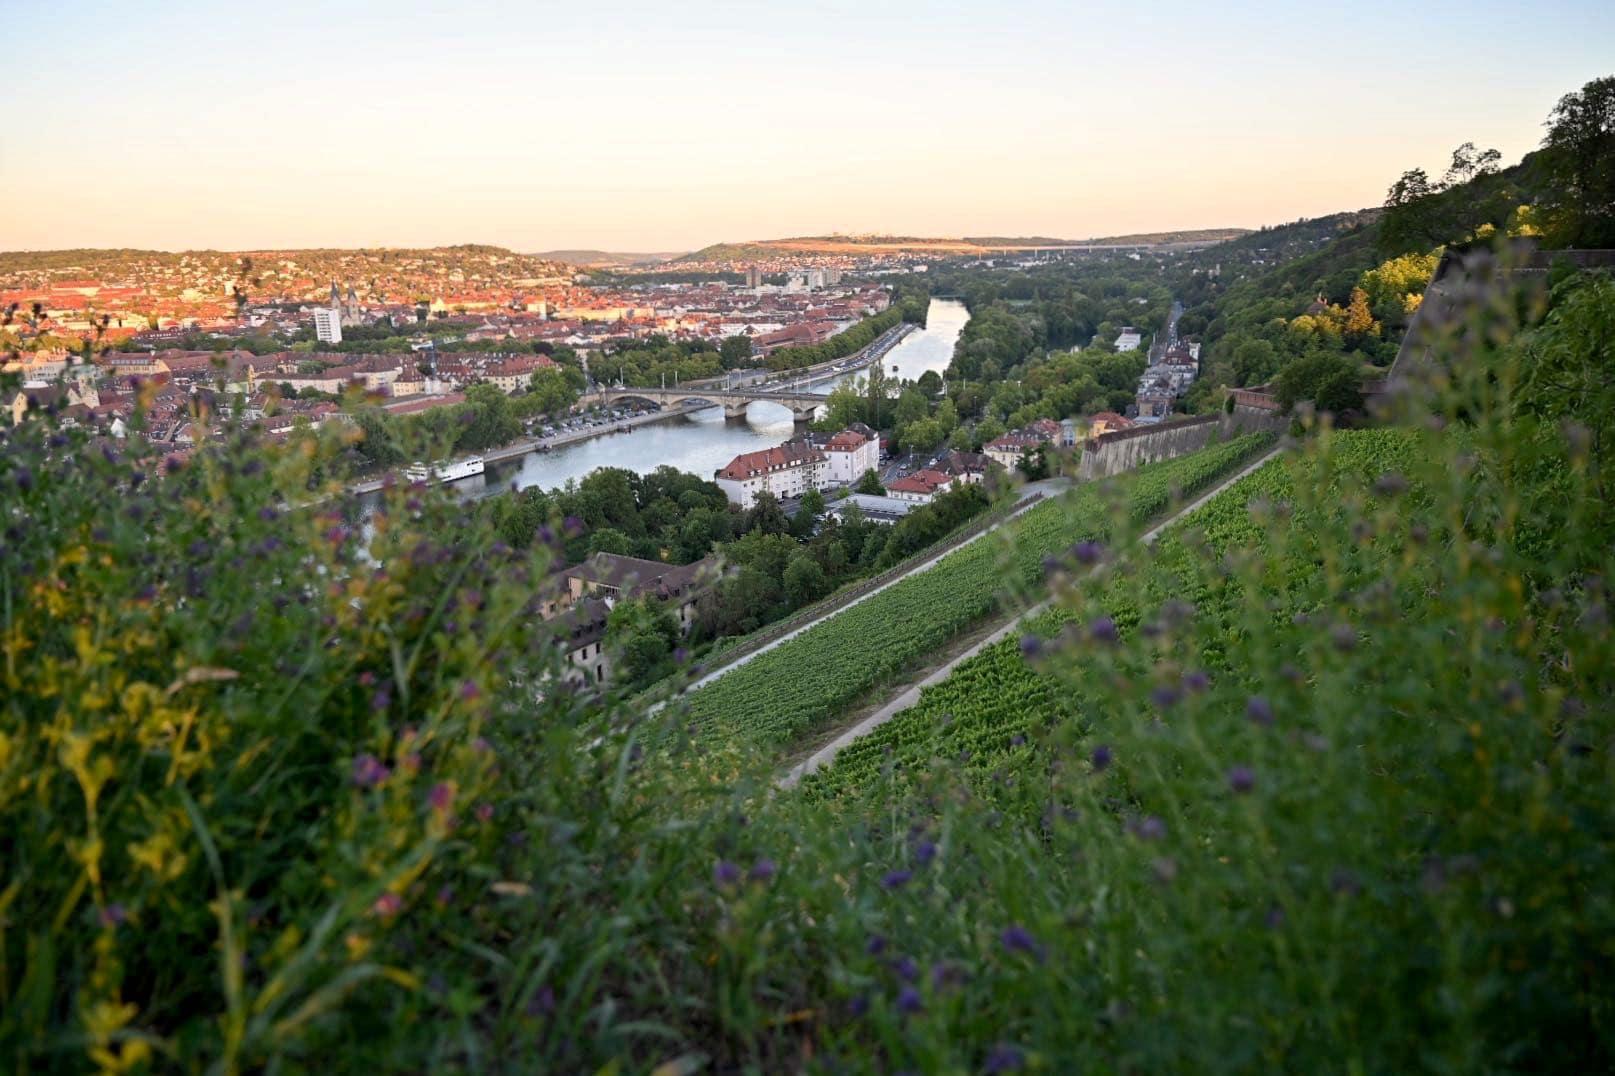 wuerzburg sehenswuerdigkeiten tipps 15 - Würzburg: Sehenswürdigkeiten und Tipps